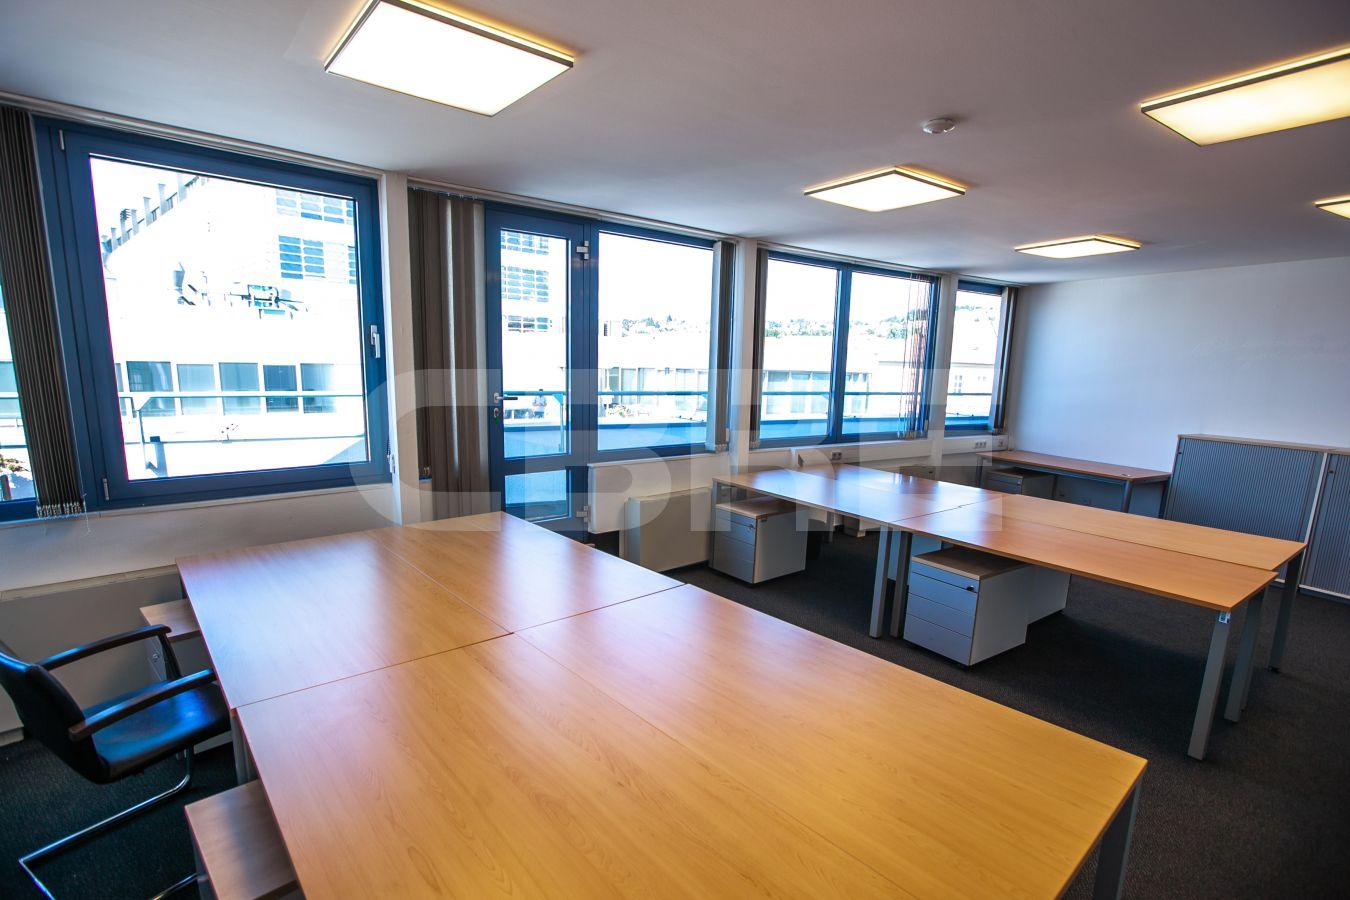 Vysoká 9, Bratislava - Staré Mesto | Offices for rent by CBRE | 5